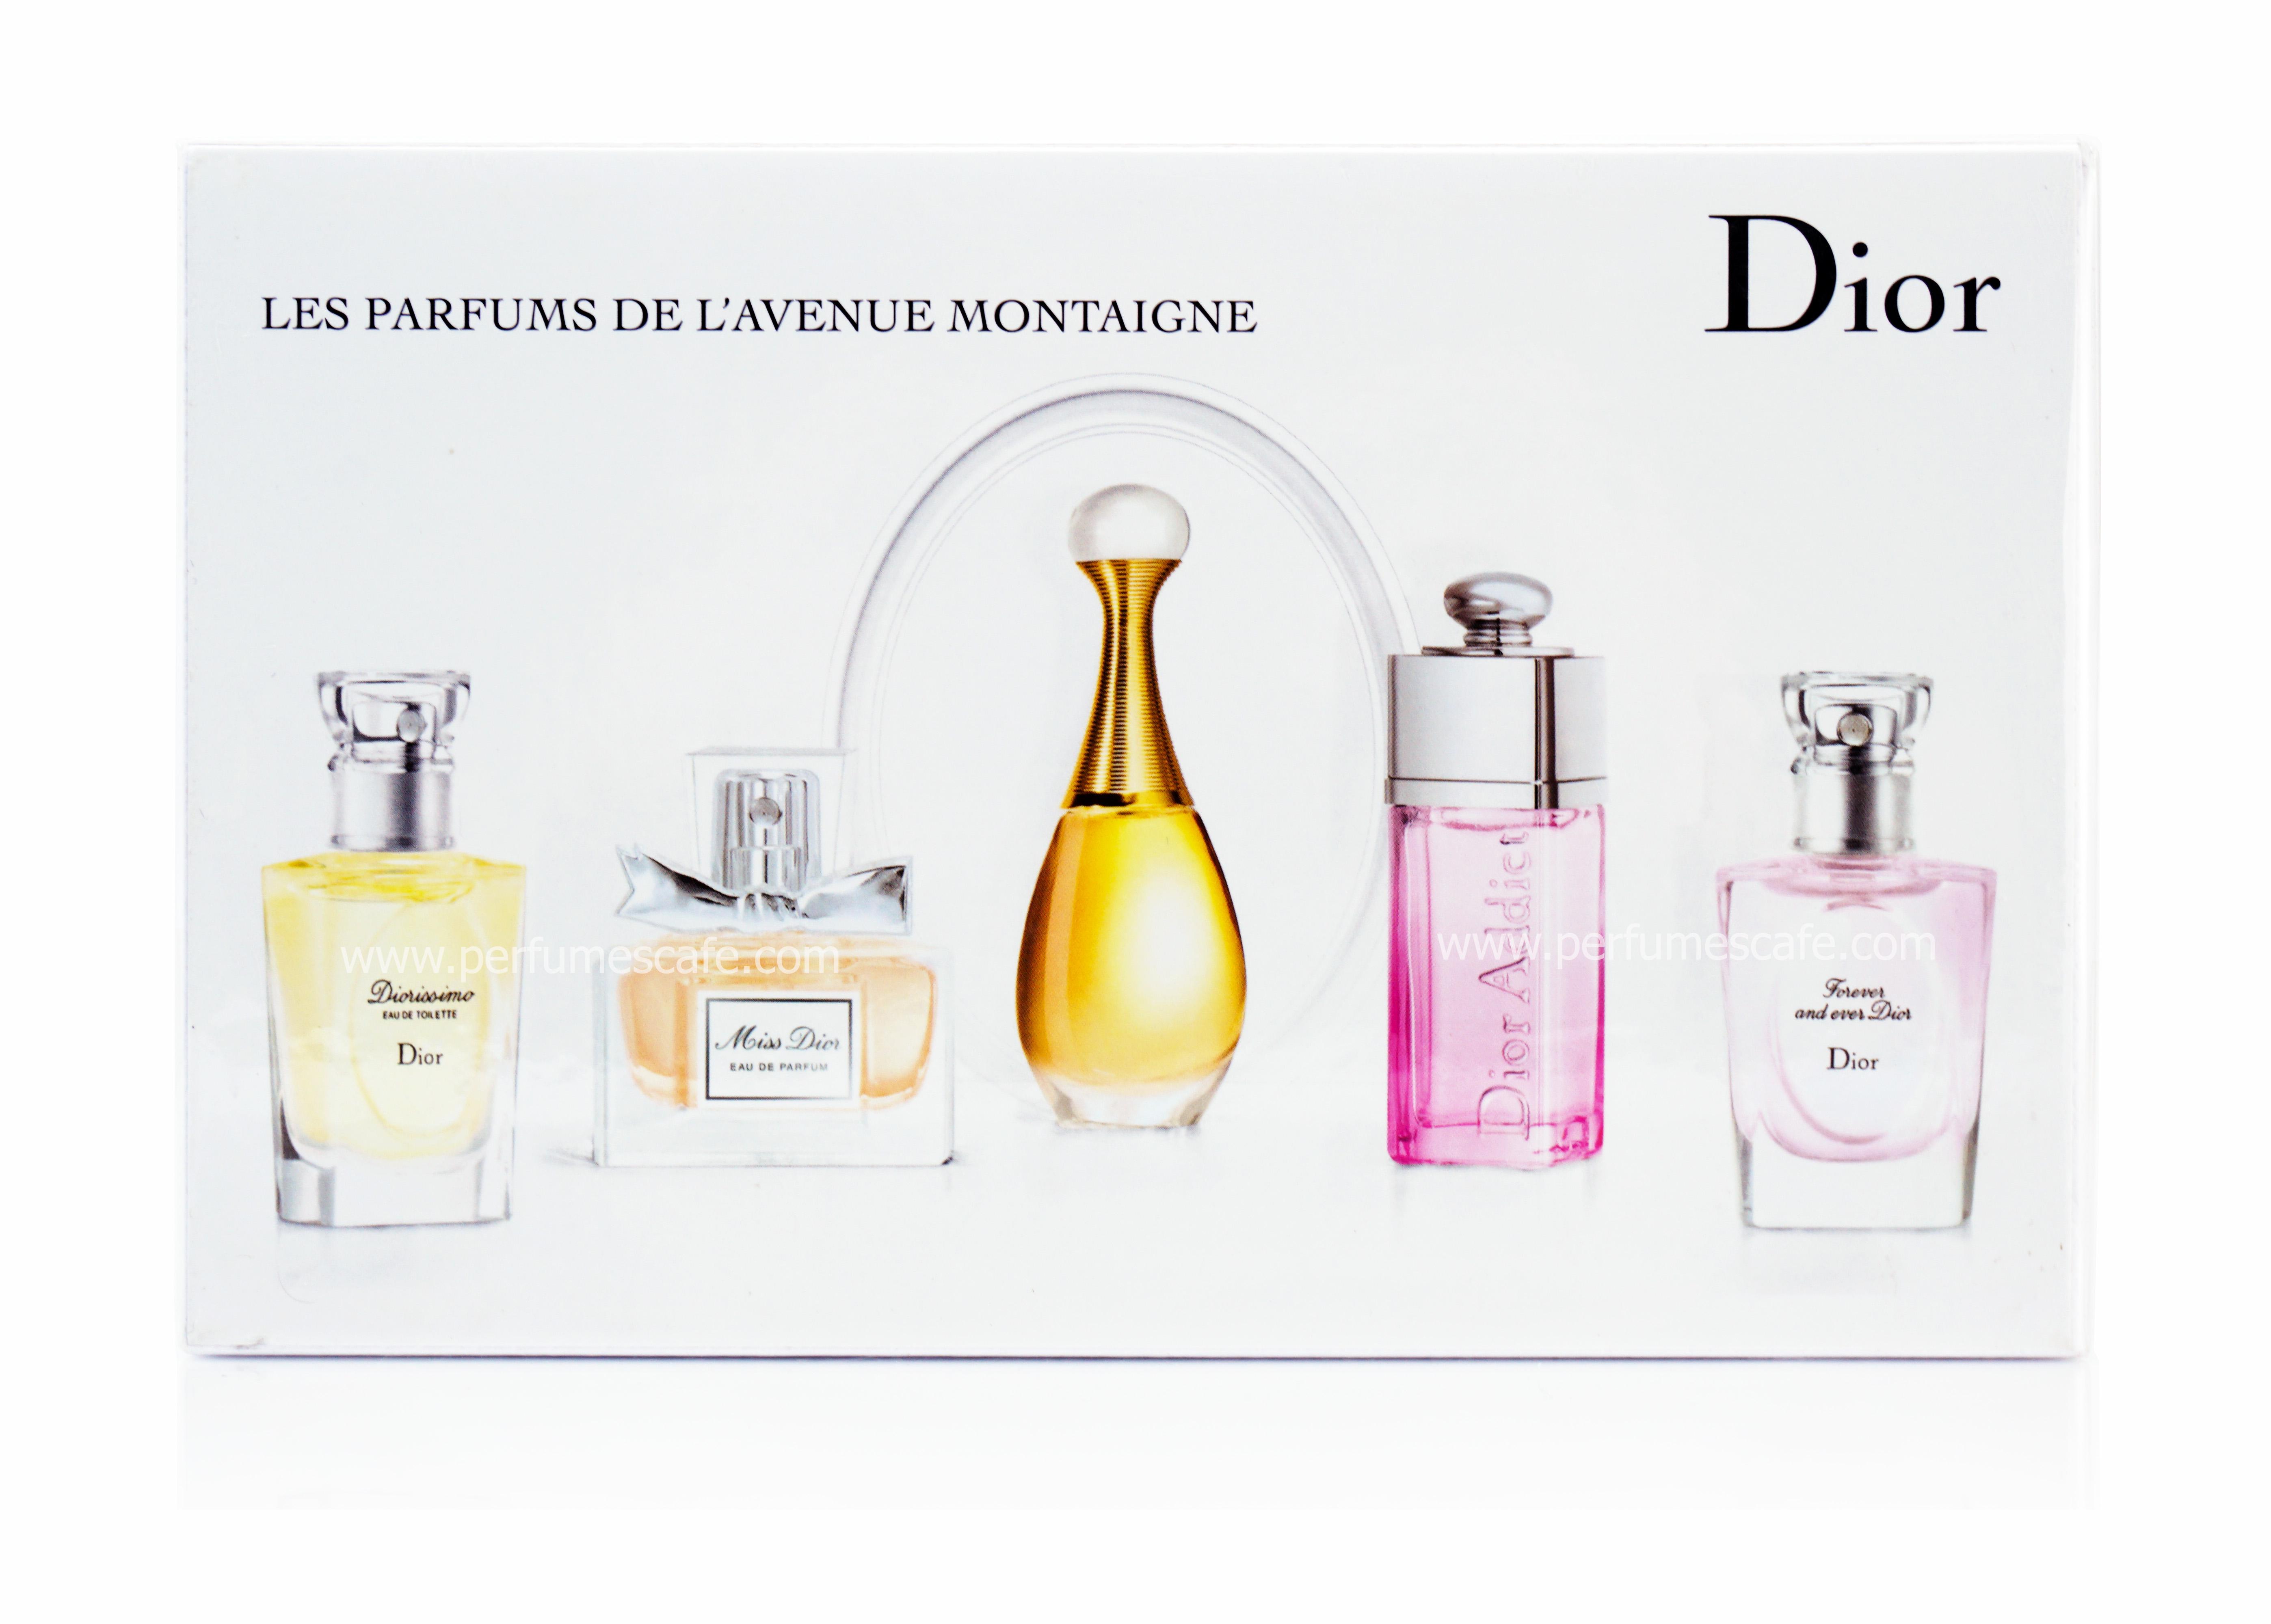 เซ็ตน้ำหอม Christian Dior Les Parfum Miniature ขนาด 7ml x 5 บรรจุกล่องซีล